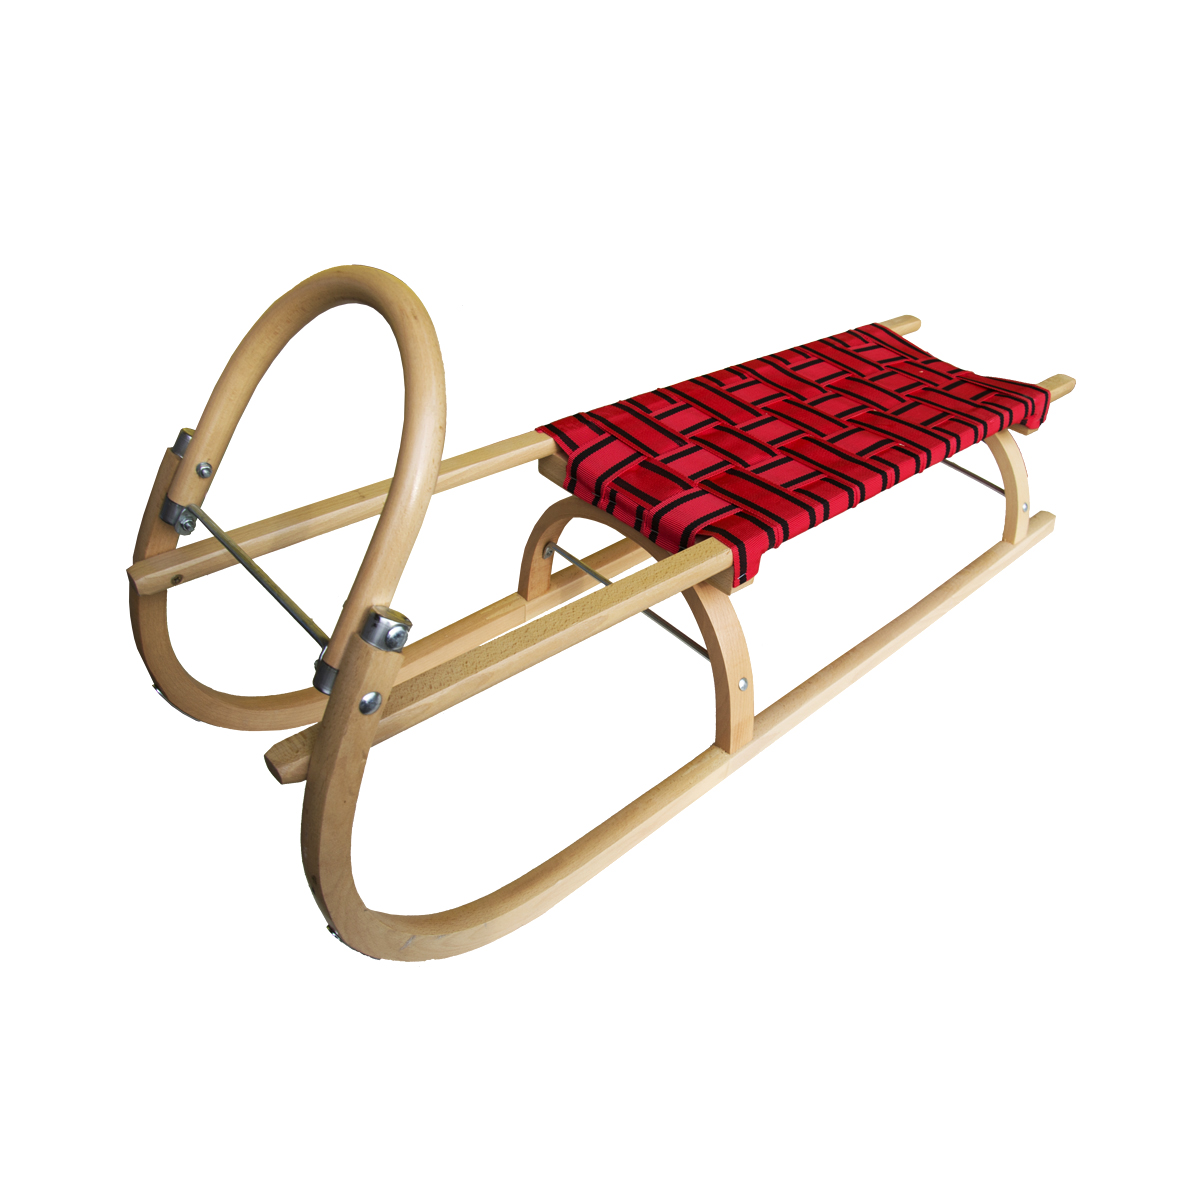 Sáně dřevěné SULOV délka 110 cm - červené